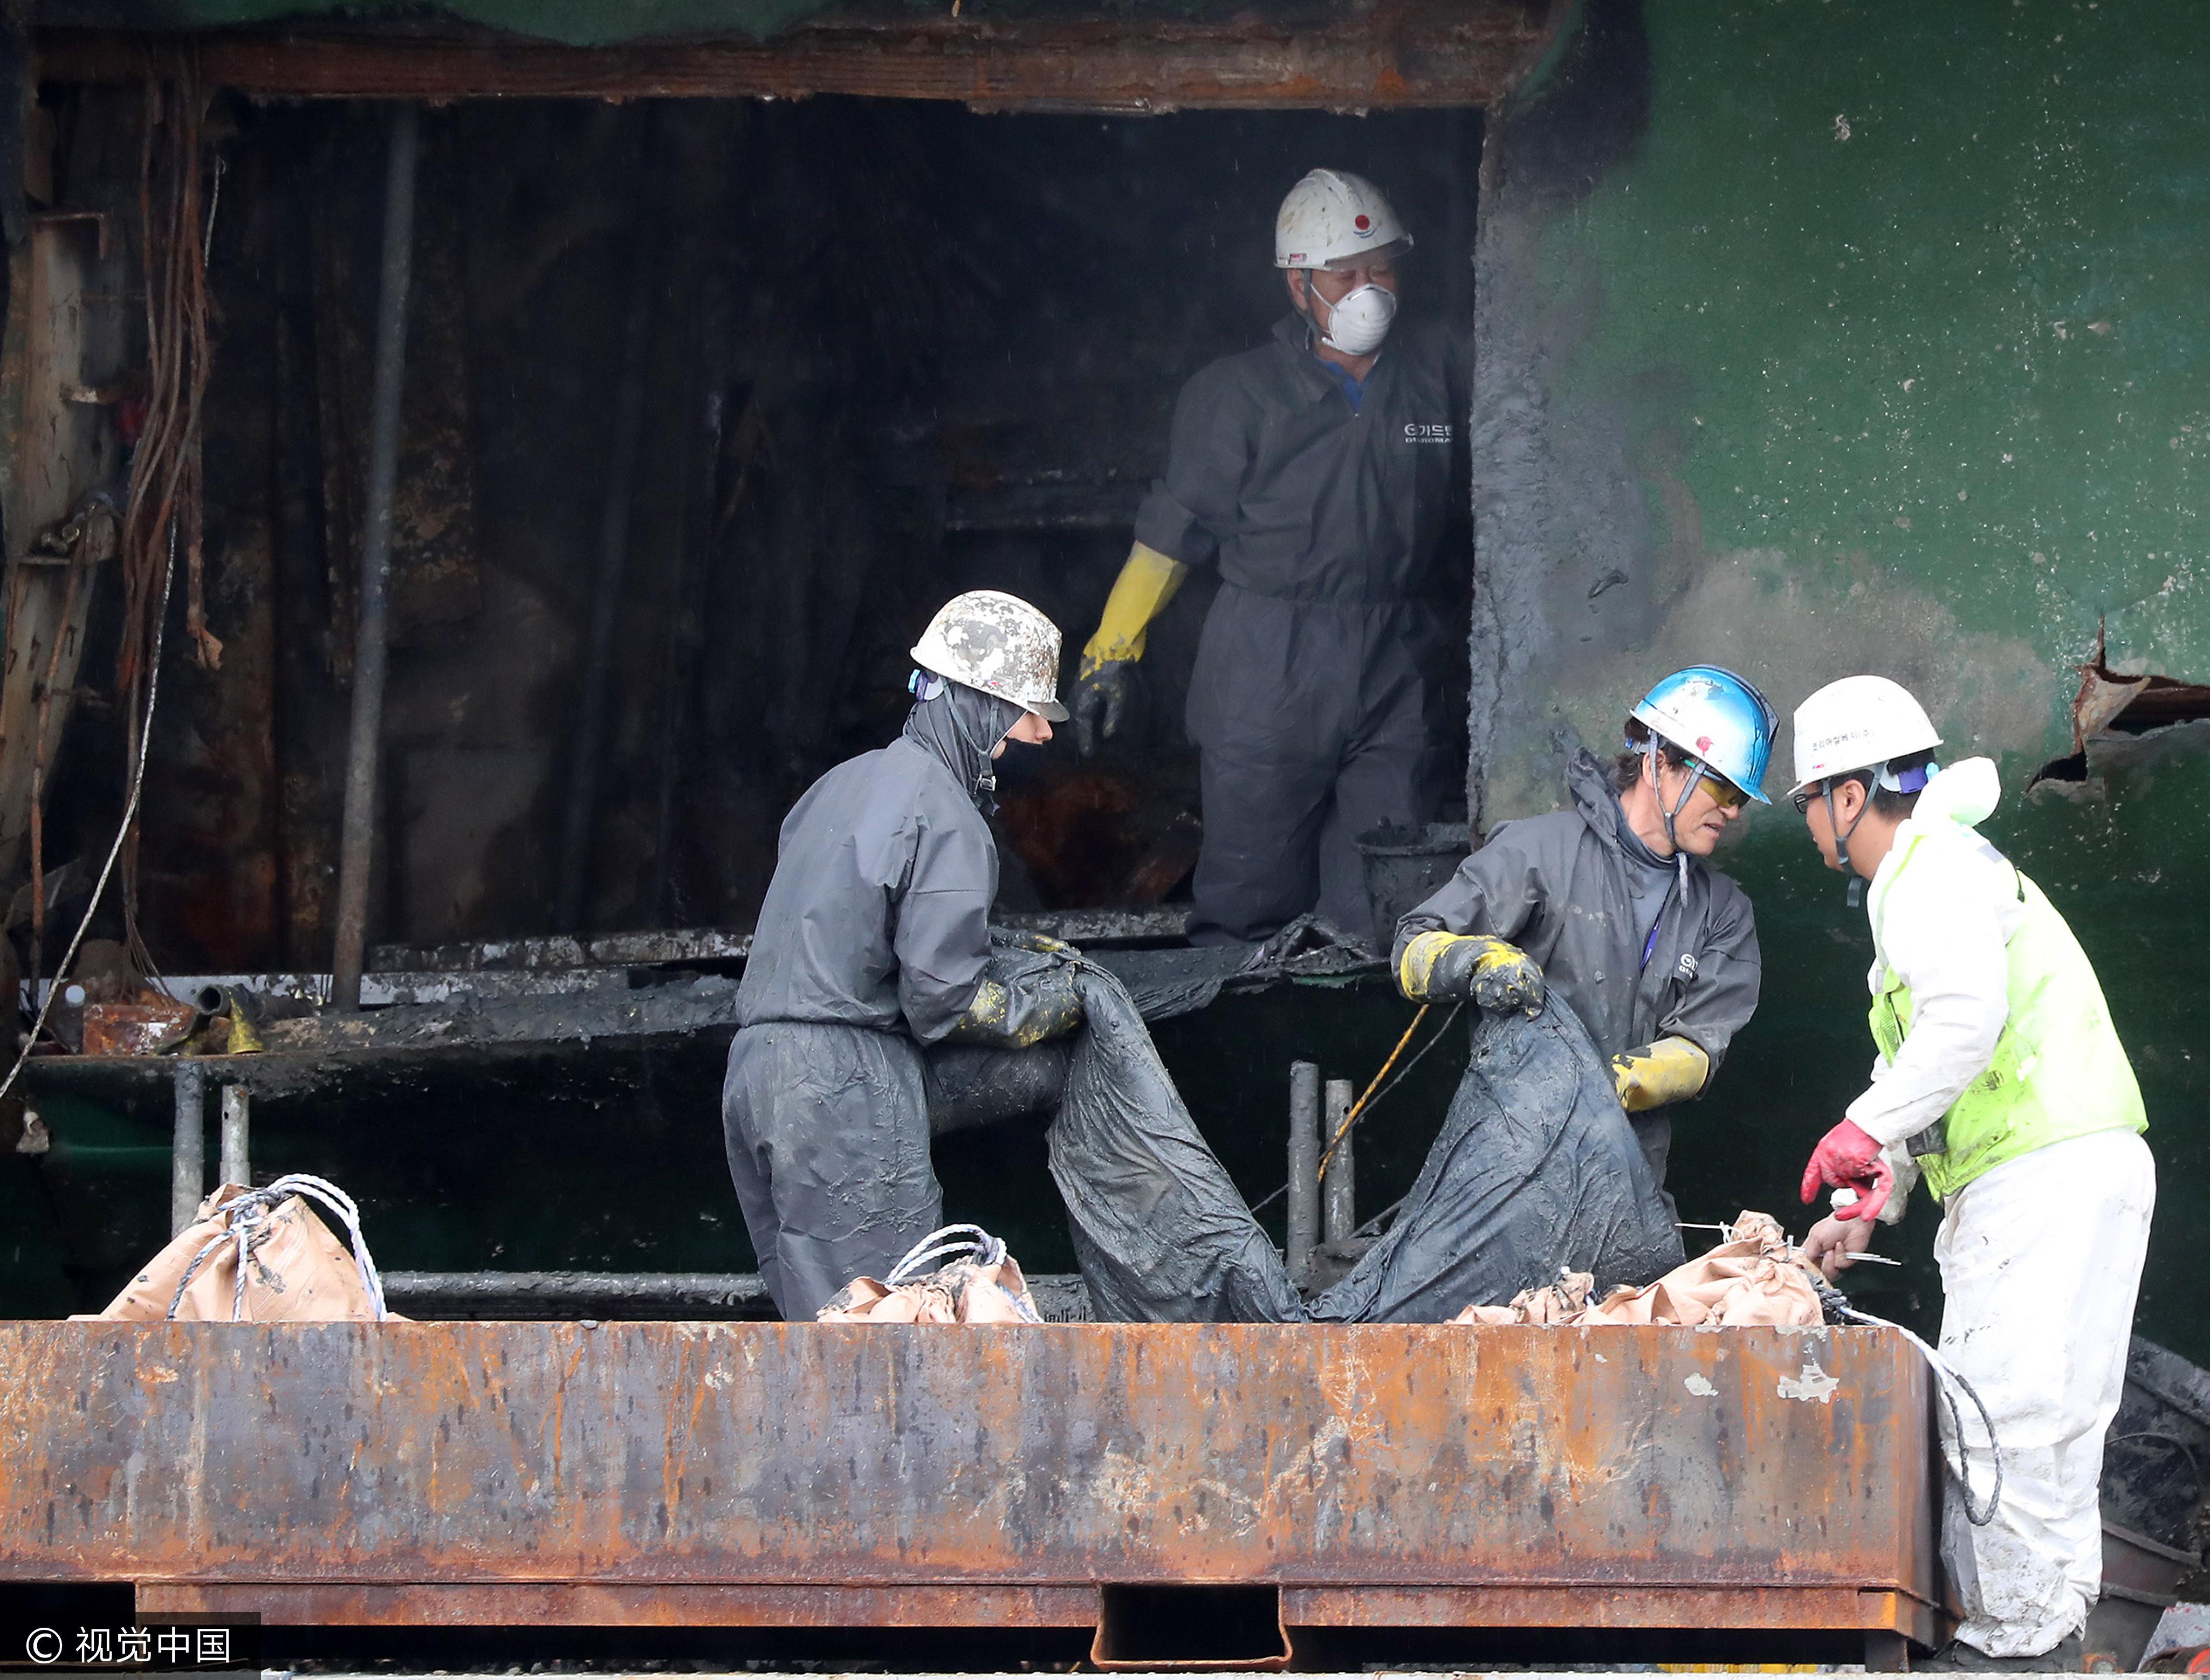 南韓世越號船艙發現牙齒,證實為失蹤女學生曹恩和(Cho Eun-hwa)。(圖/CFP)